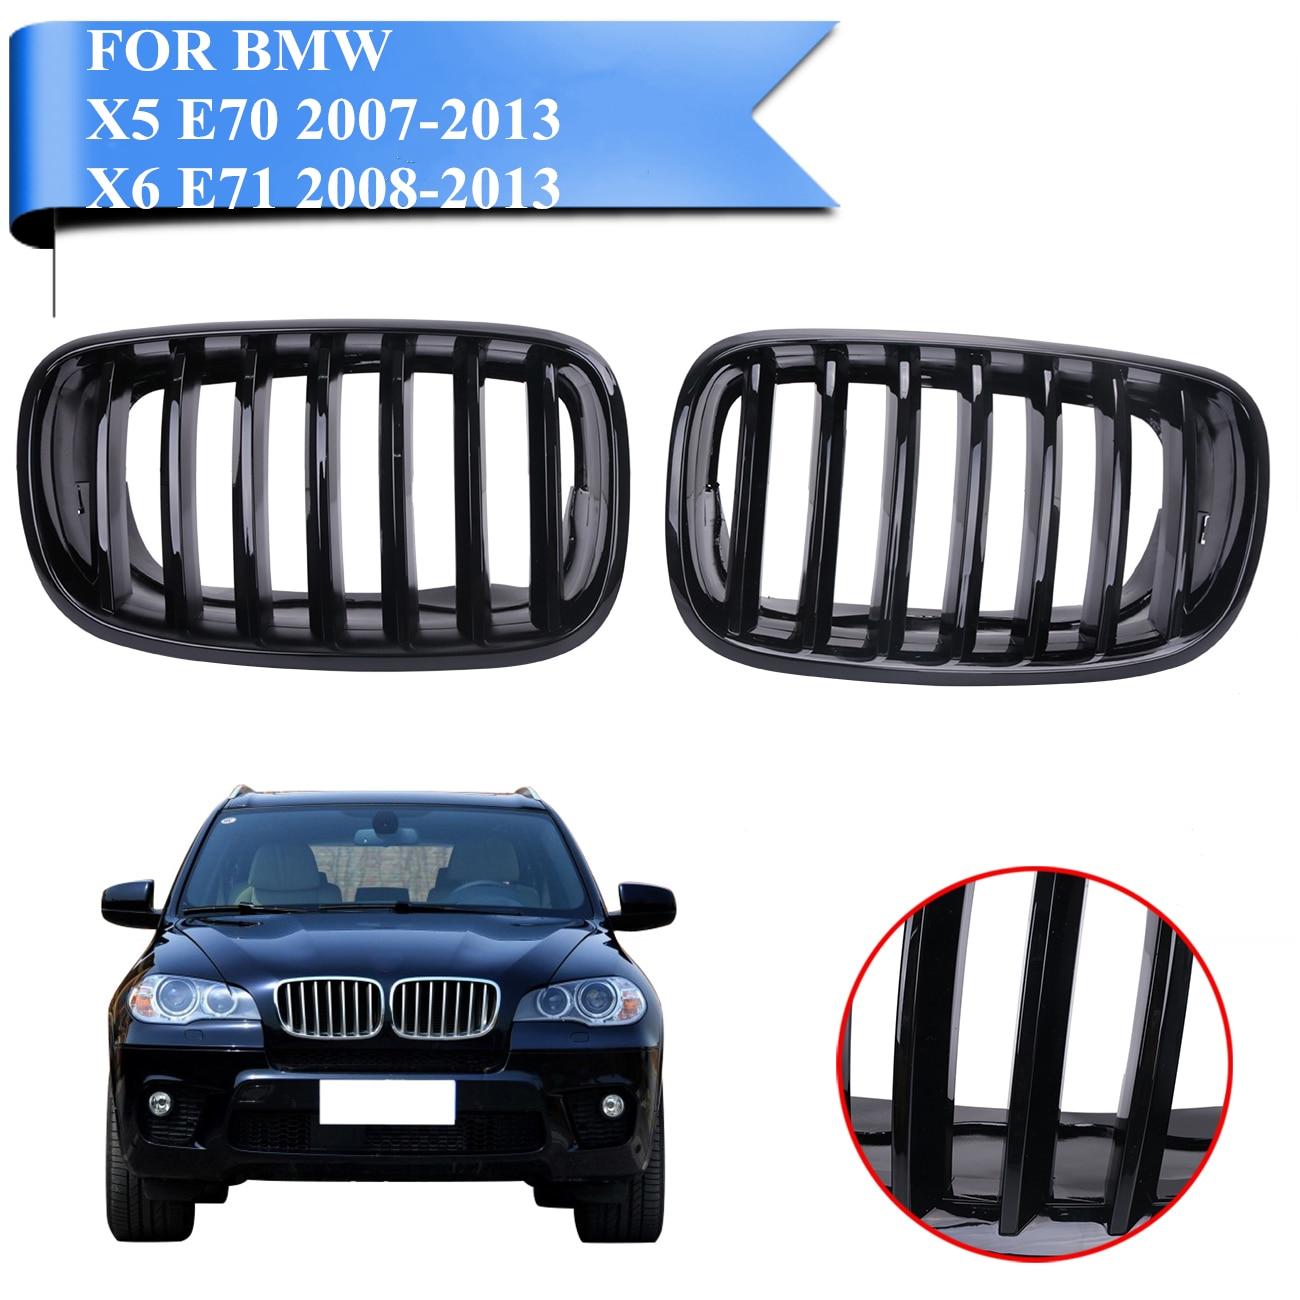 Глянцевый черный передняя решетка почек гриль сетка для BMW X5 E70 2007 2013/X6 E71 2008 2013 внедорожник М Спорт xDrive стайлинга автомобилей # P424